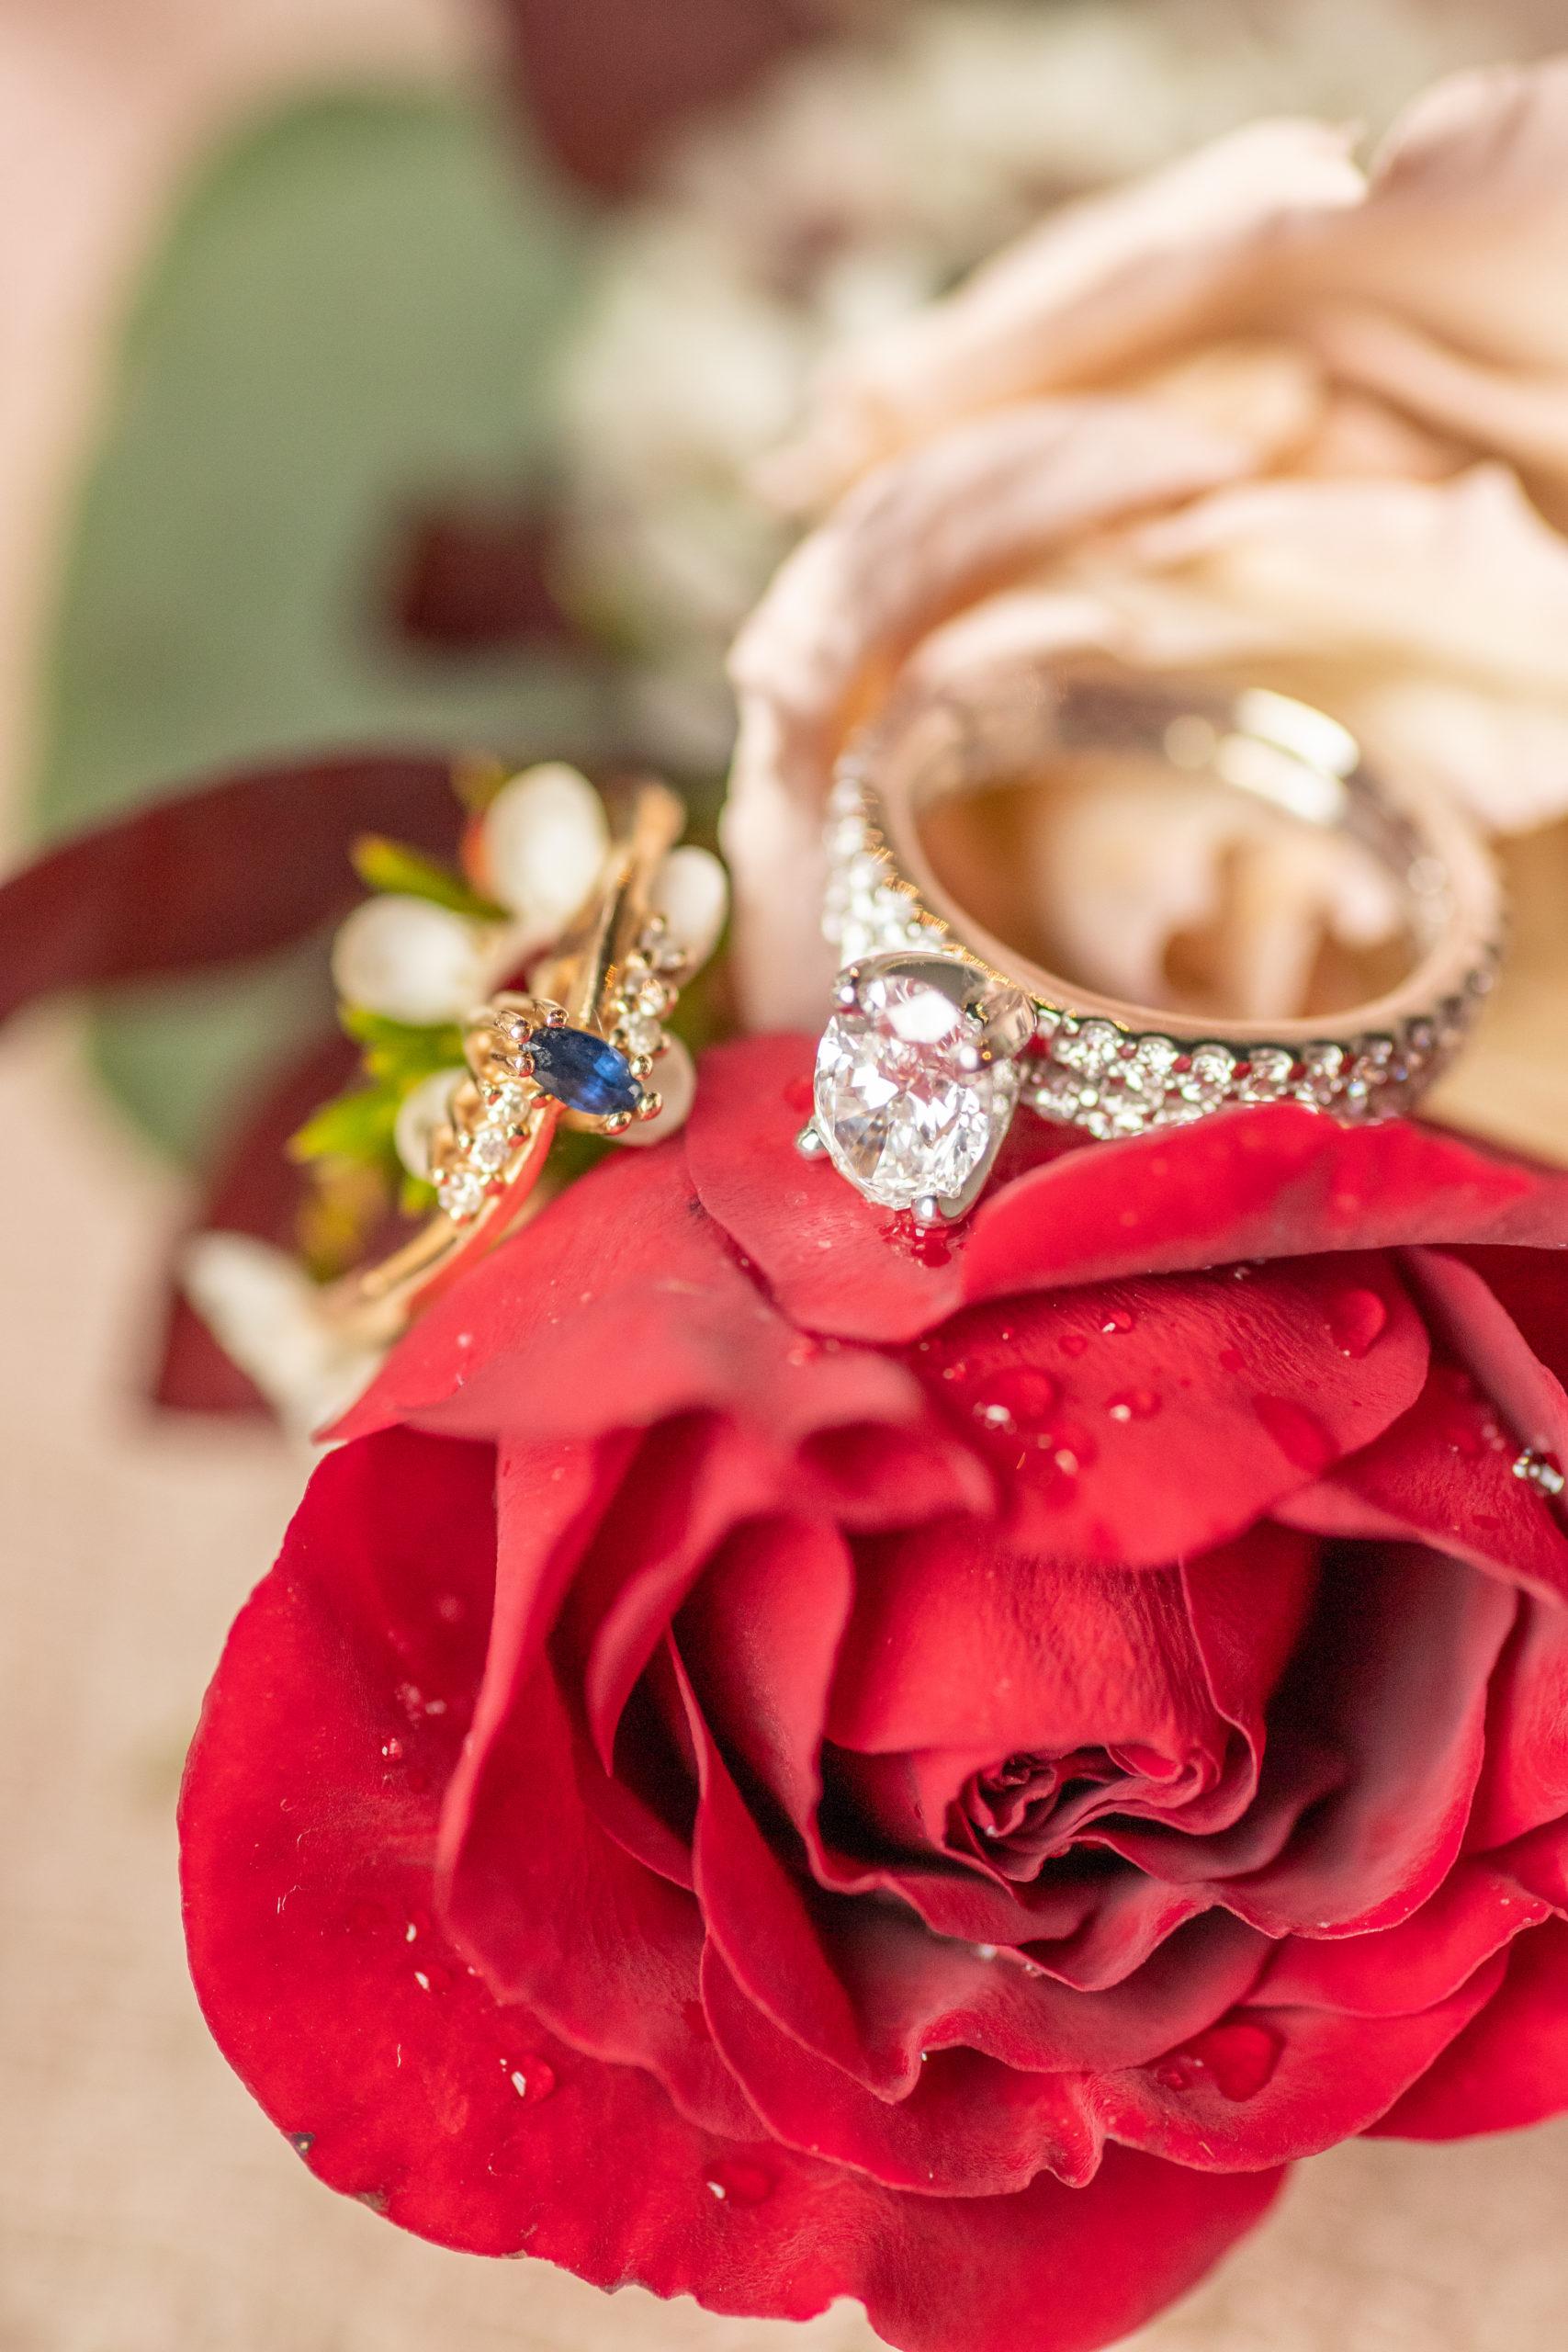 wedding rings, red rose, bride's ring set